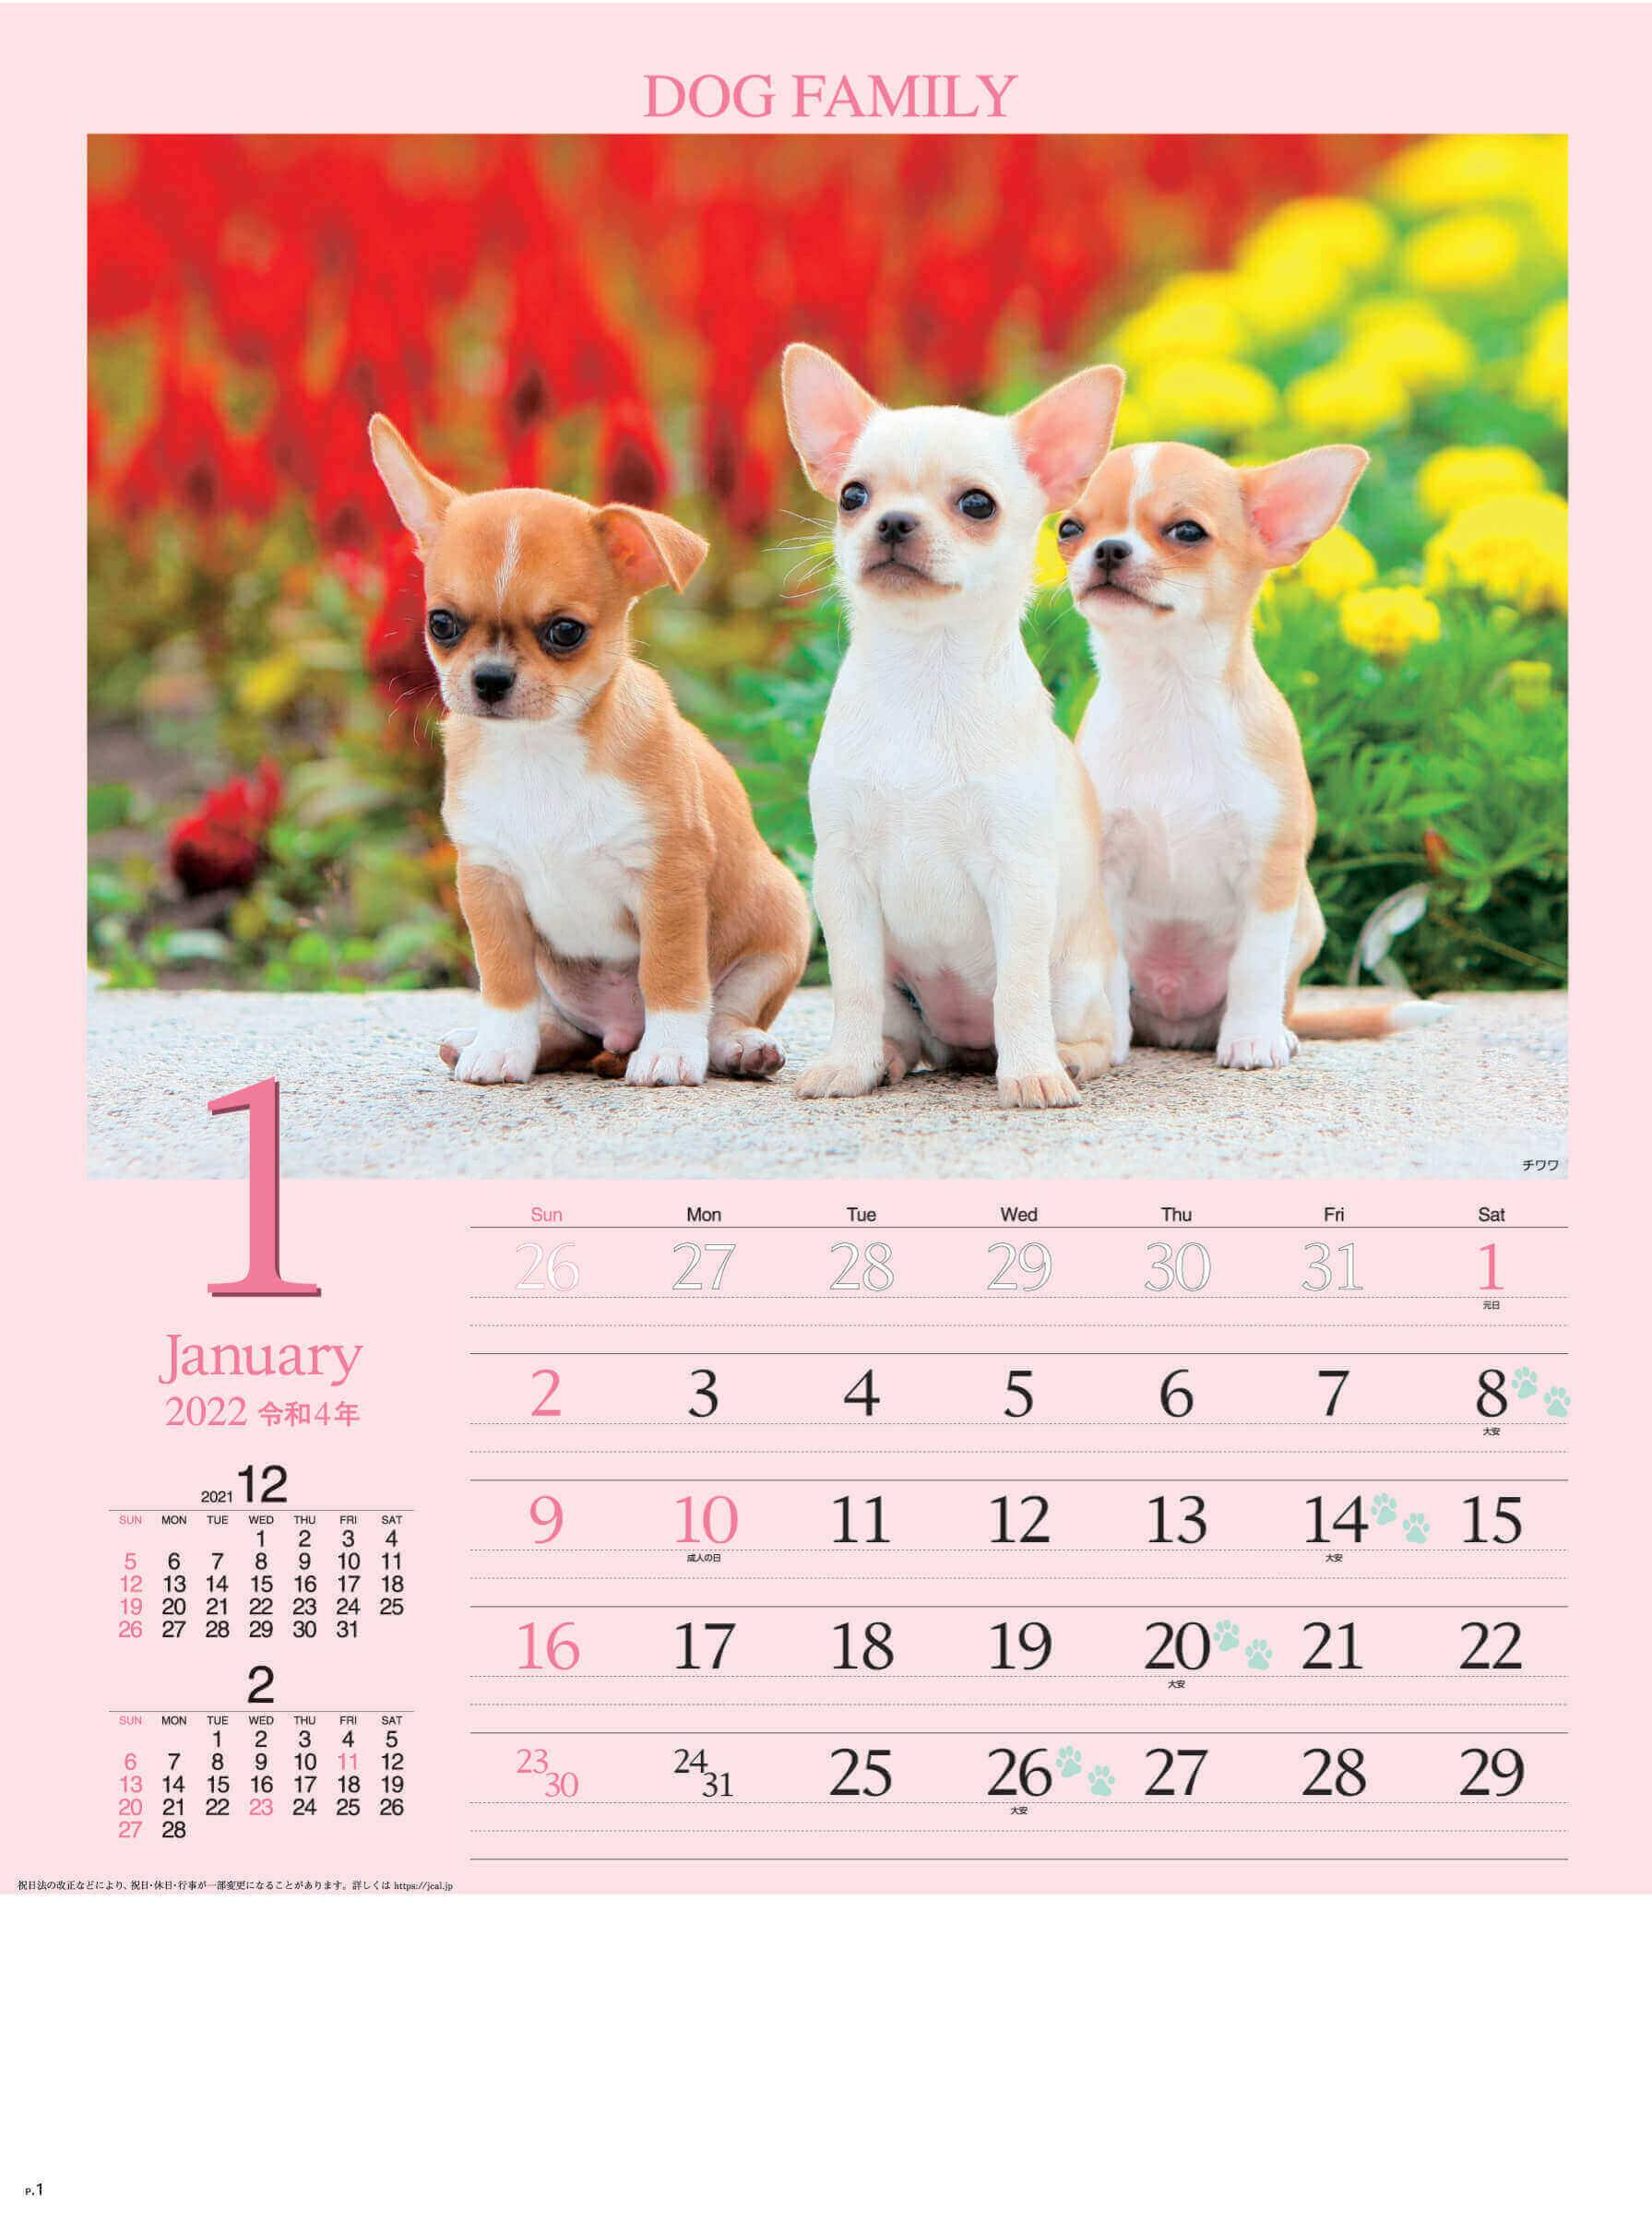 1月 チワワ ドッグファミリー 2022年カレンダーの画像